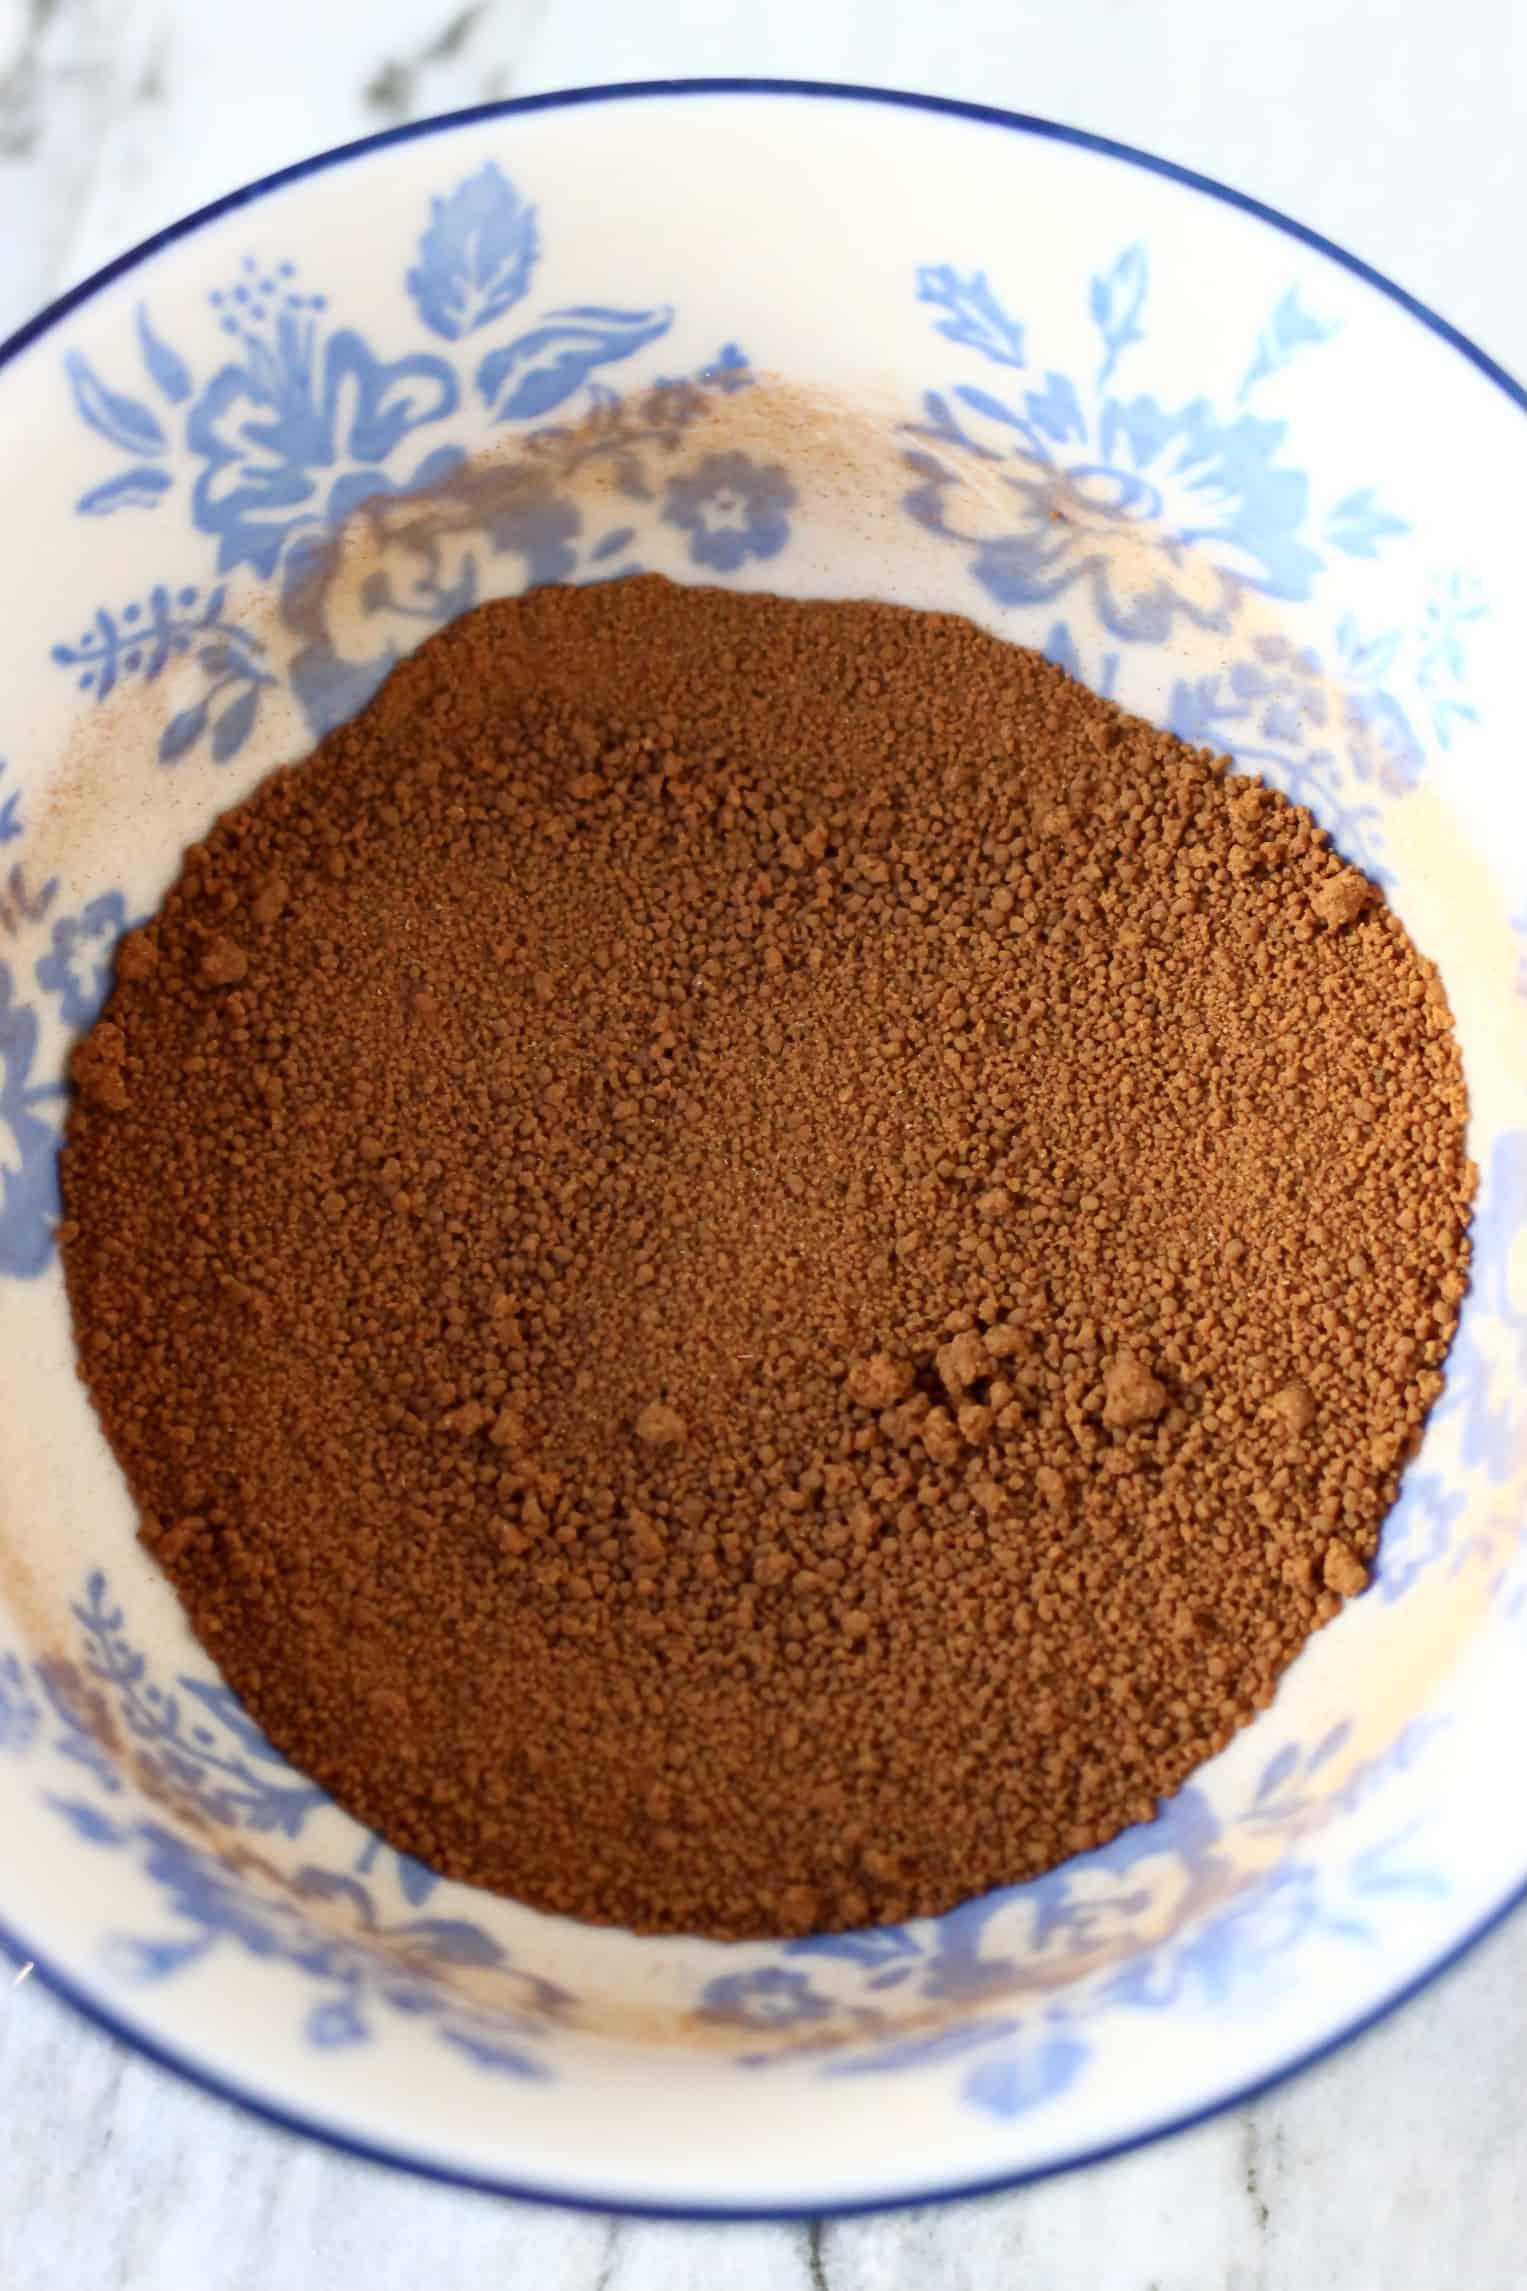 Cinnamon and coconut sugar in a bowl